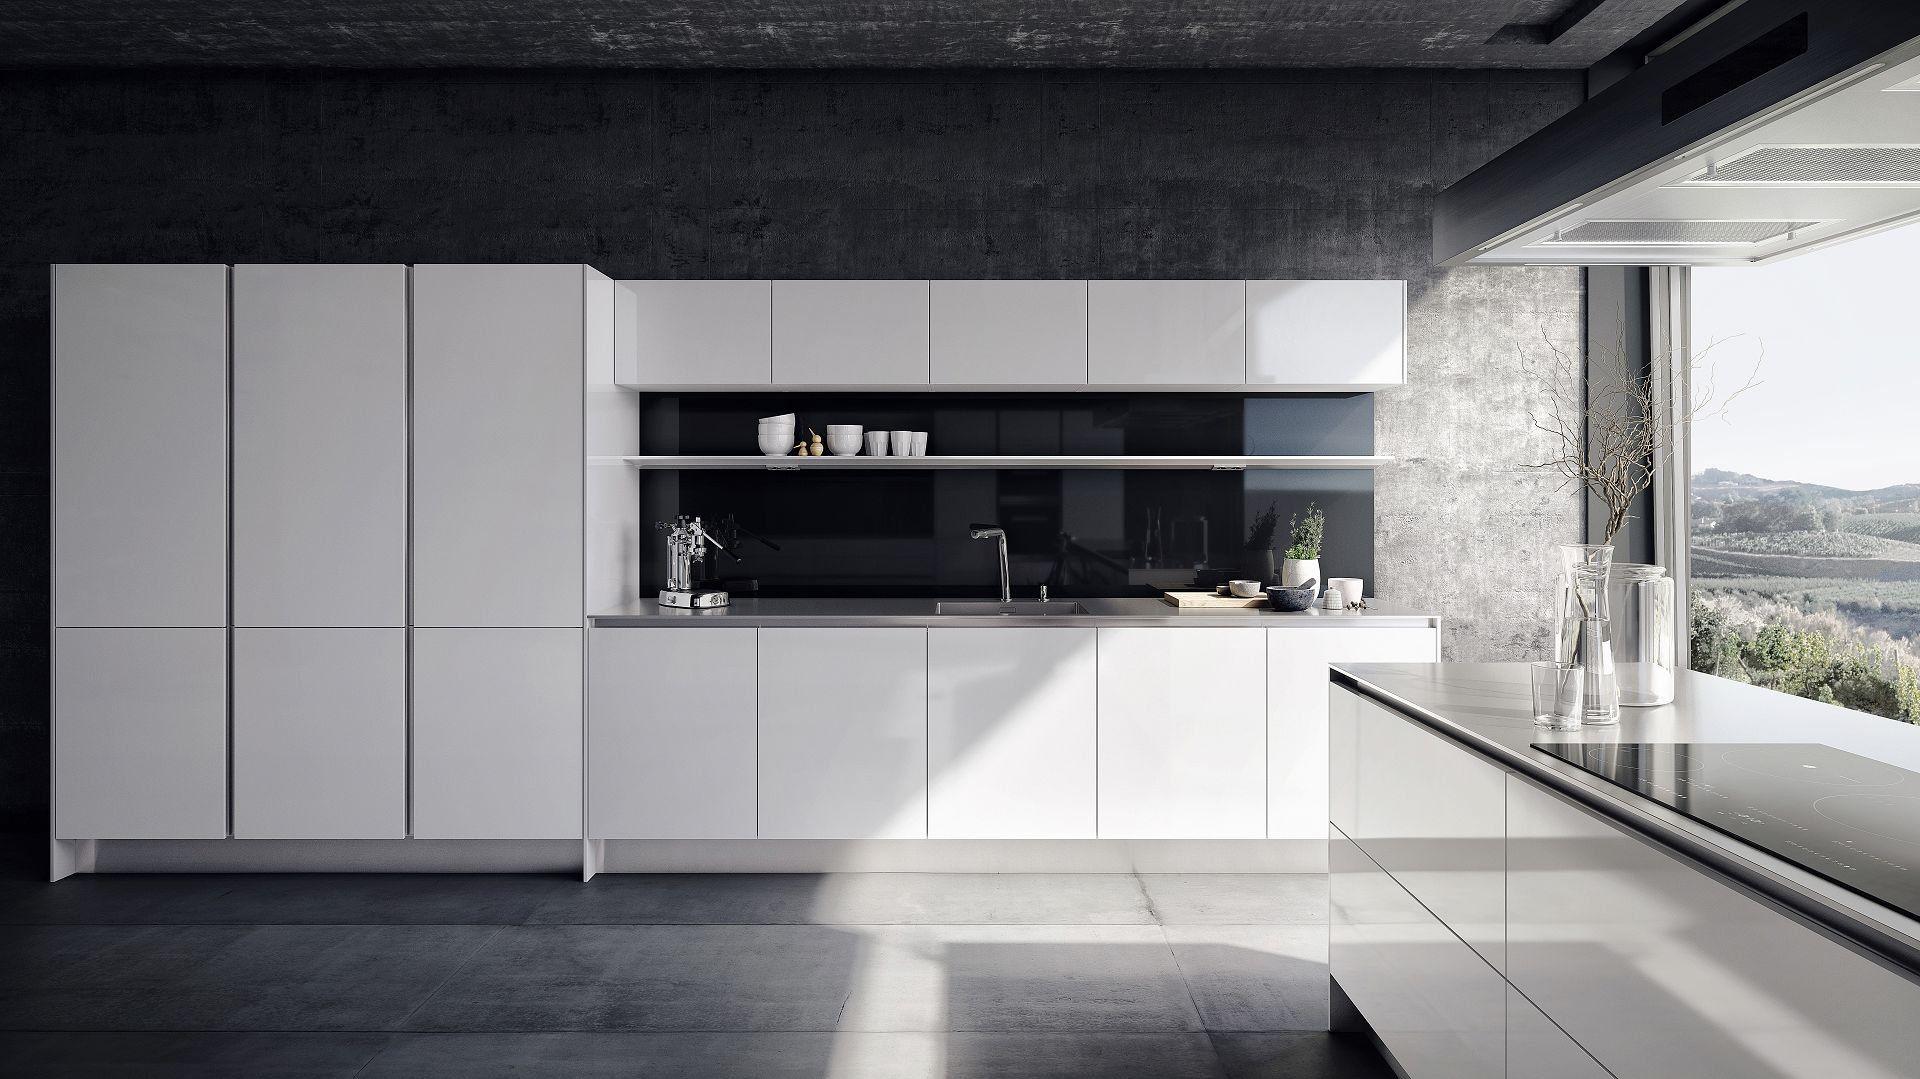 Great Individuelle Lösungen, Perfekte Verarbeitung Und Einzigartiges Küchendesign  Von SieMatic.